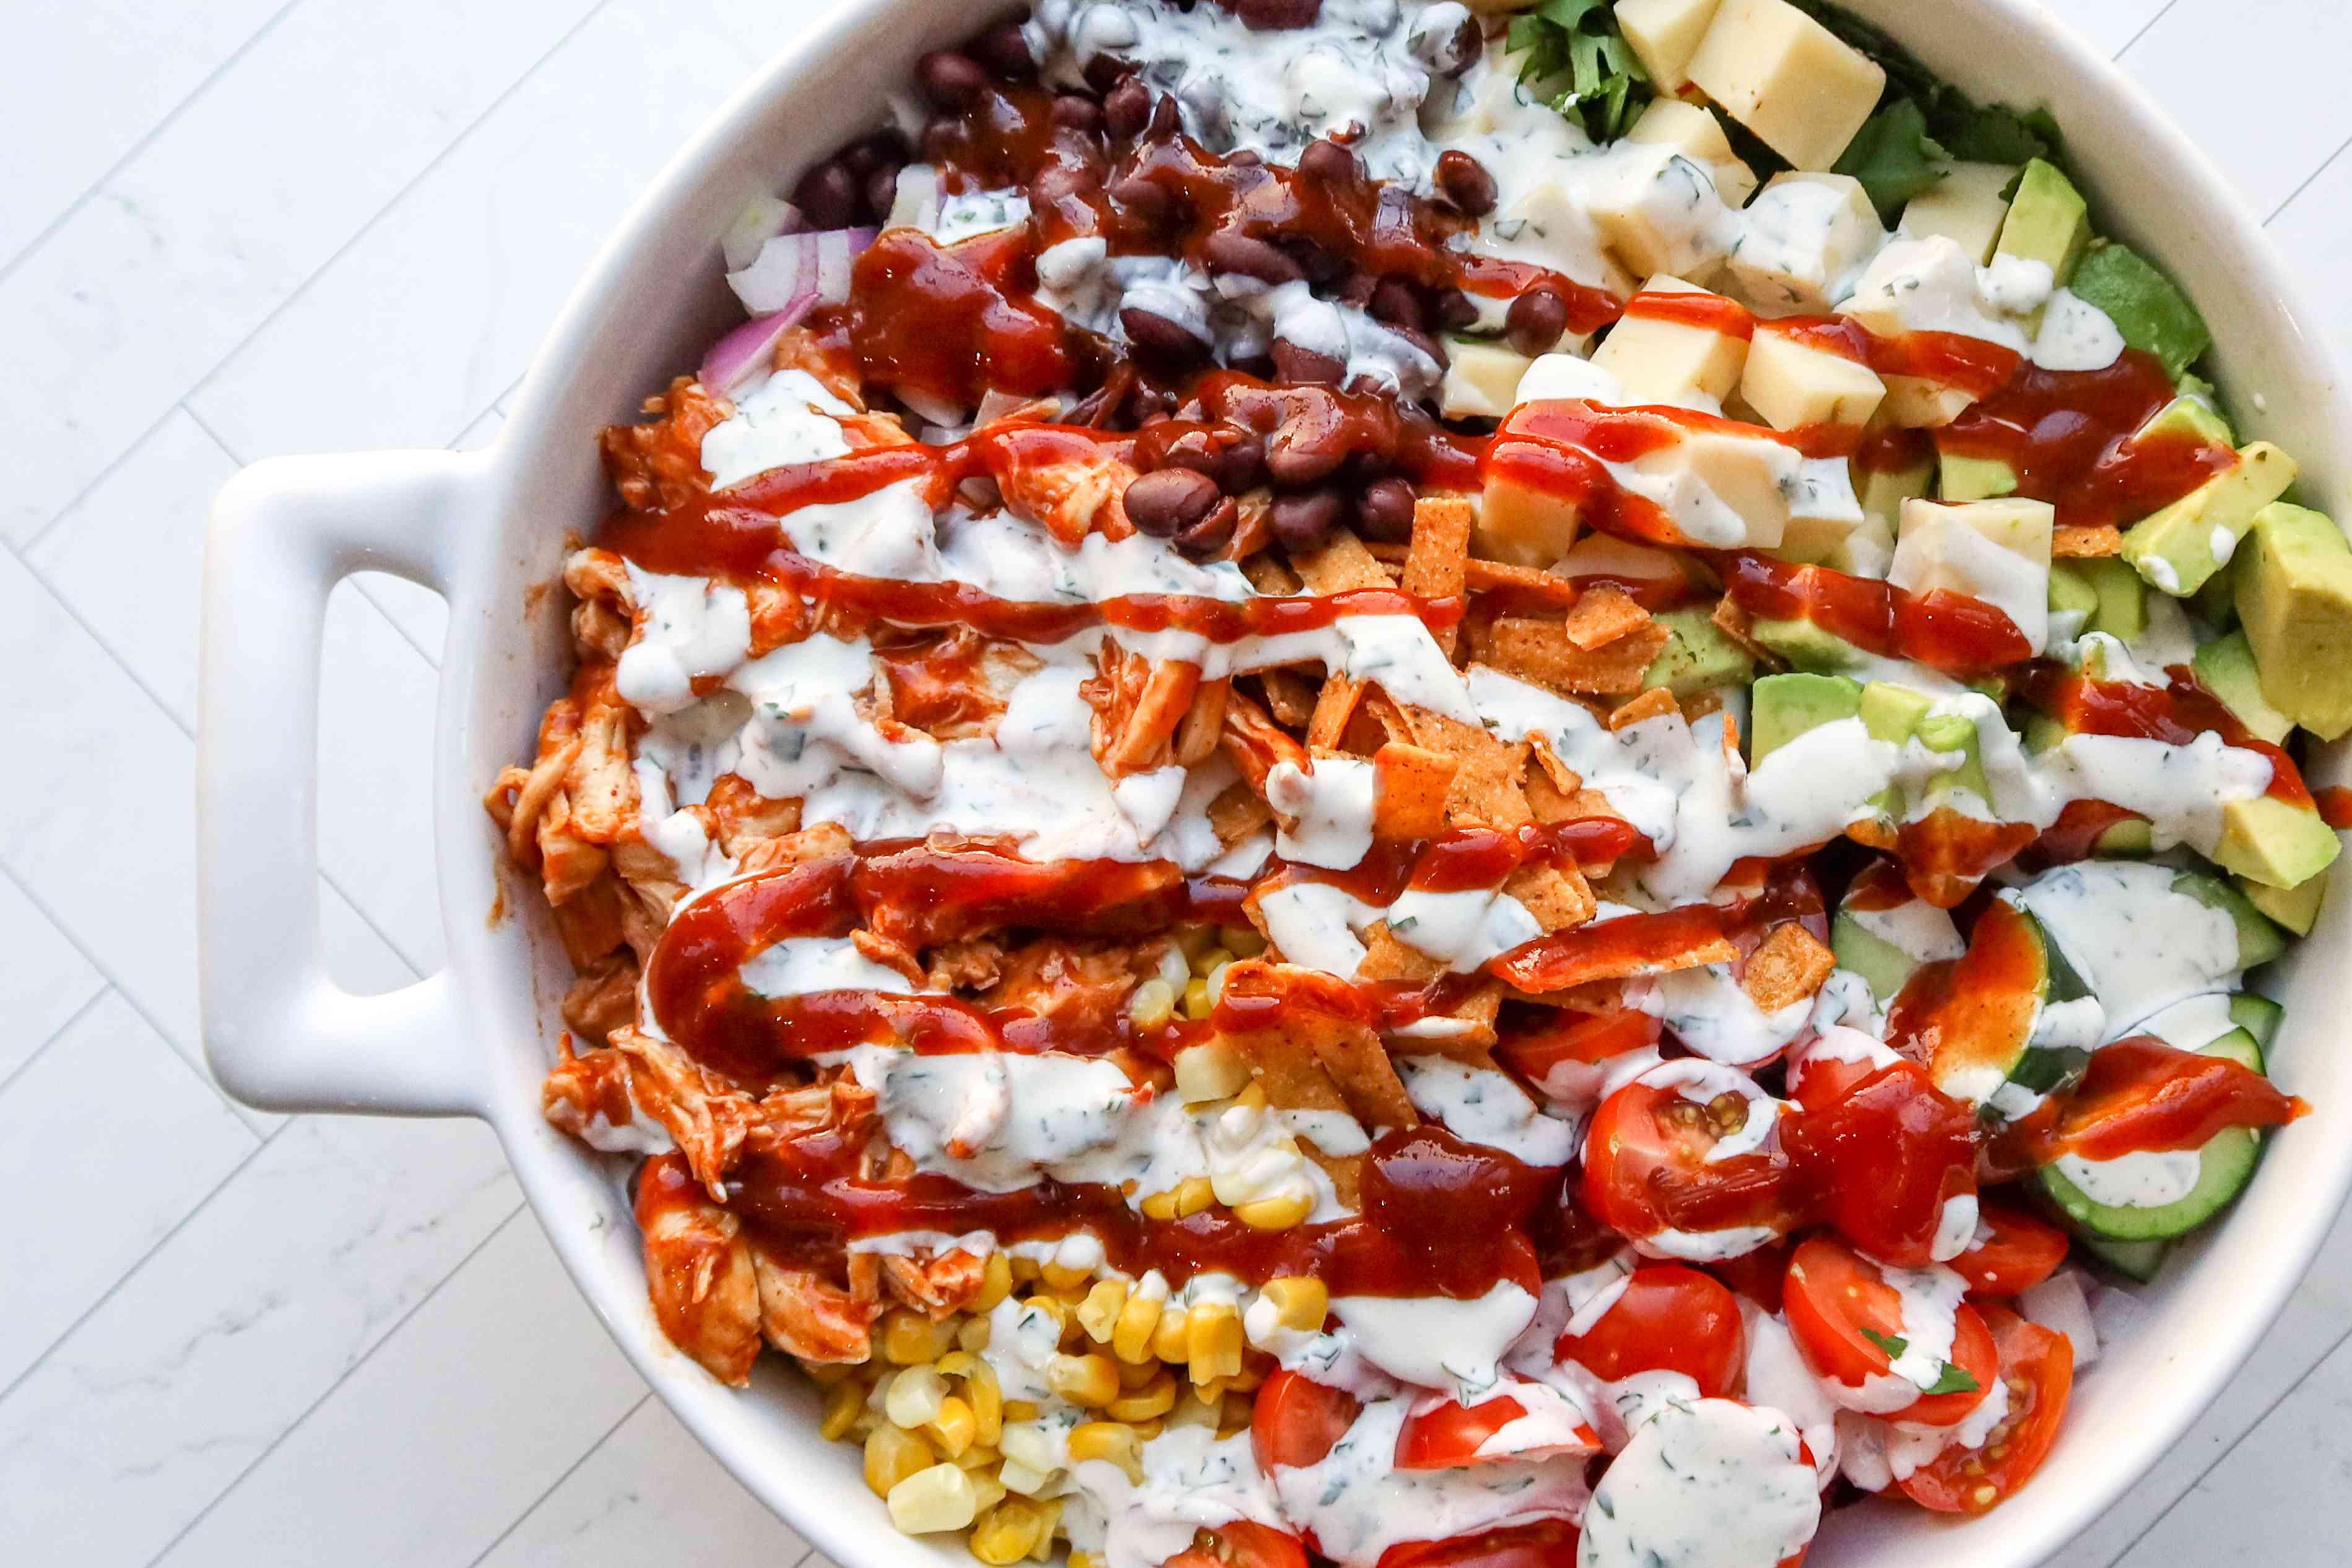 prepared bbq chicken salad